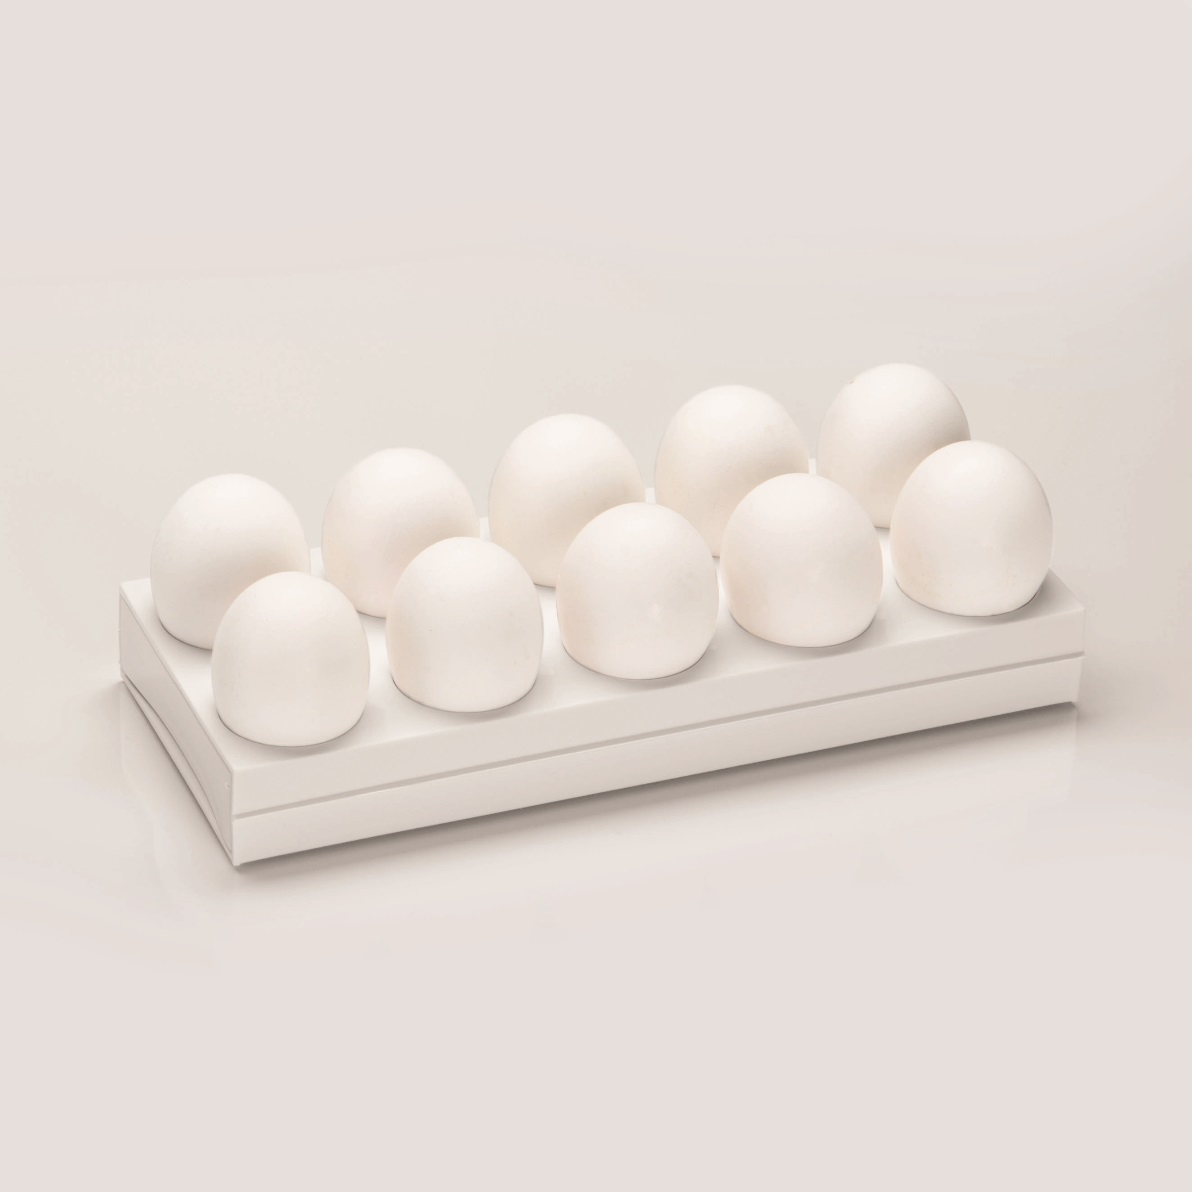 Лоток для яиц 9881172 купить украина